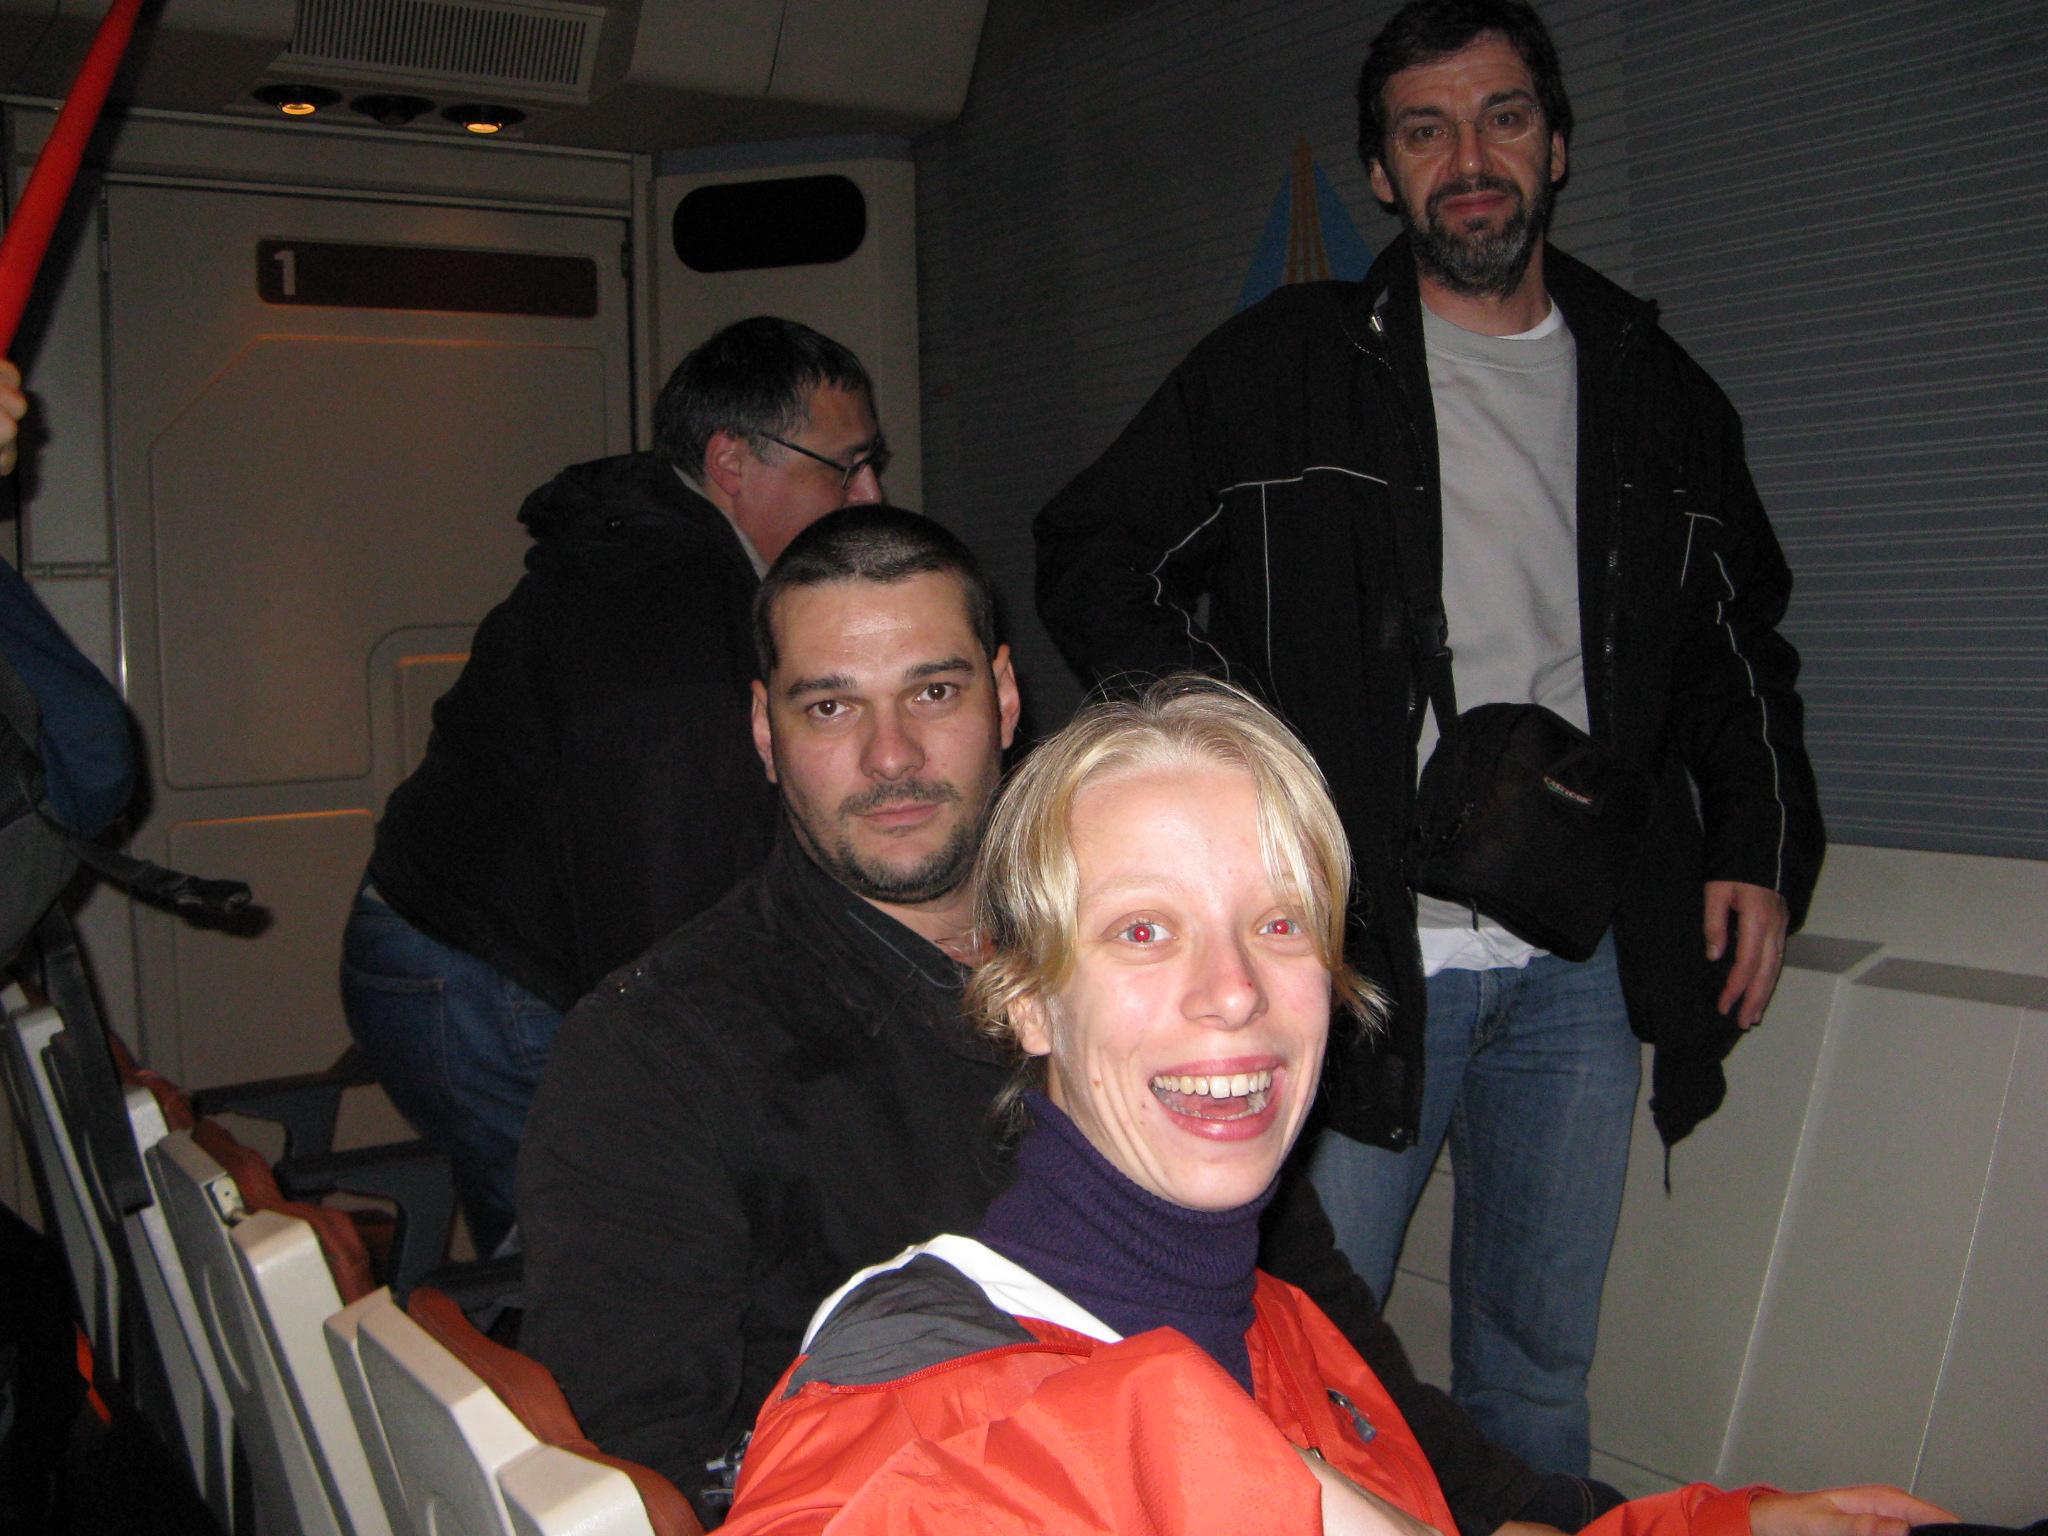 Photo 43 - Mara_Jade, Skarn, hakja-djpar et c3po75